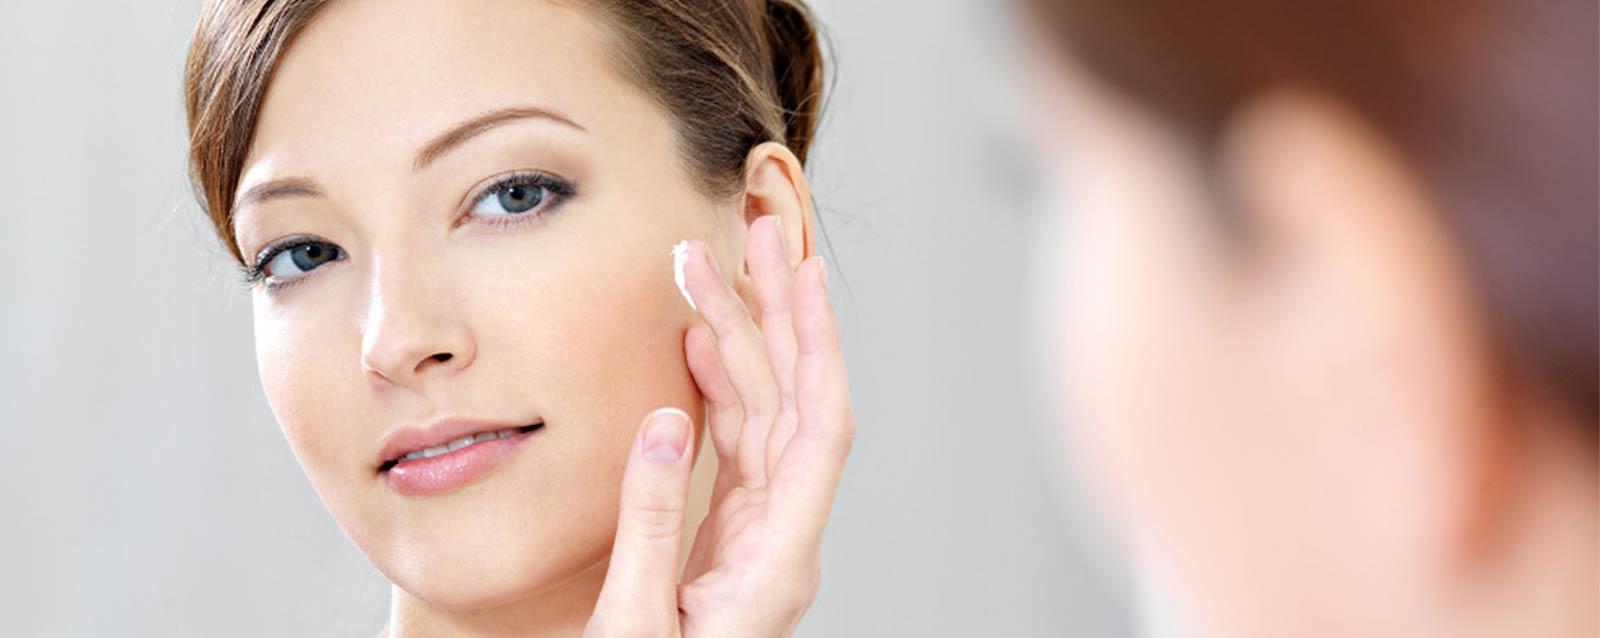 Protocolo: Microagulhamento Facial Programa de Clareamento